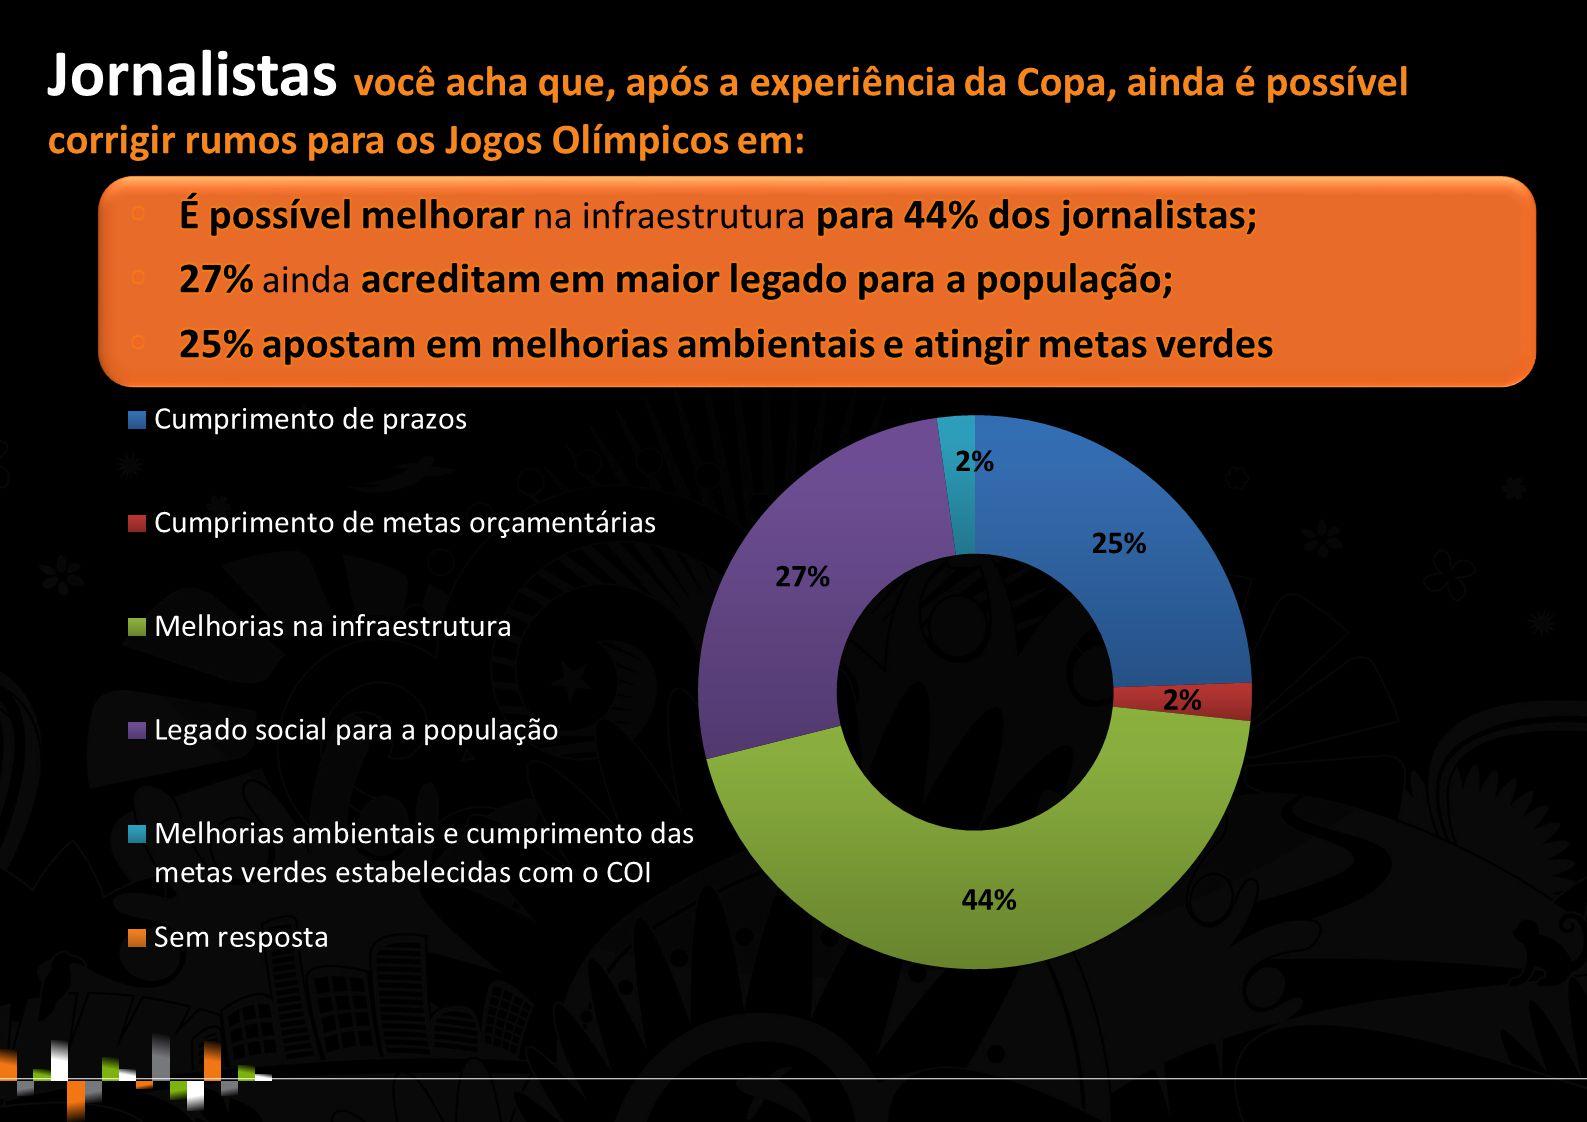 Jornalistas você acha que, após a experiência da Copa, ainda é possível corrigir rumos para os Jogos Olímpicos em: